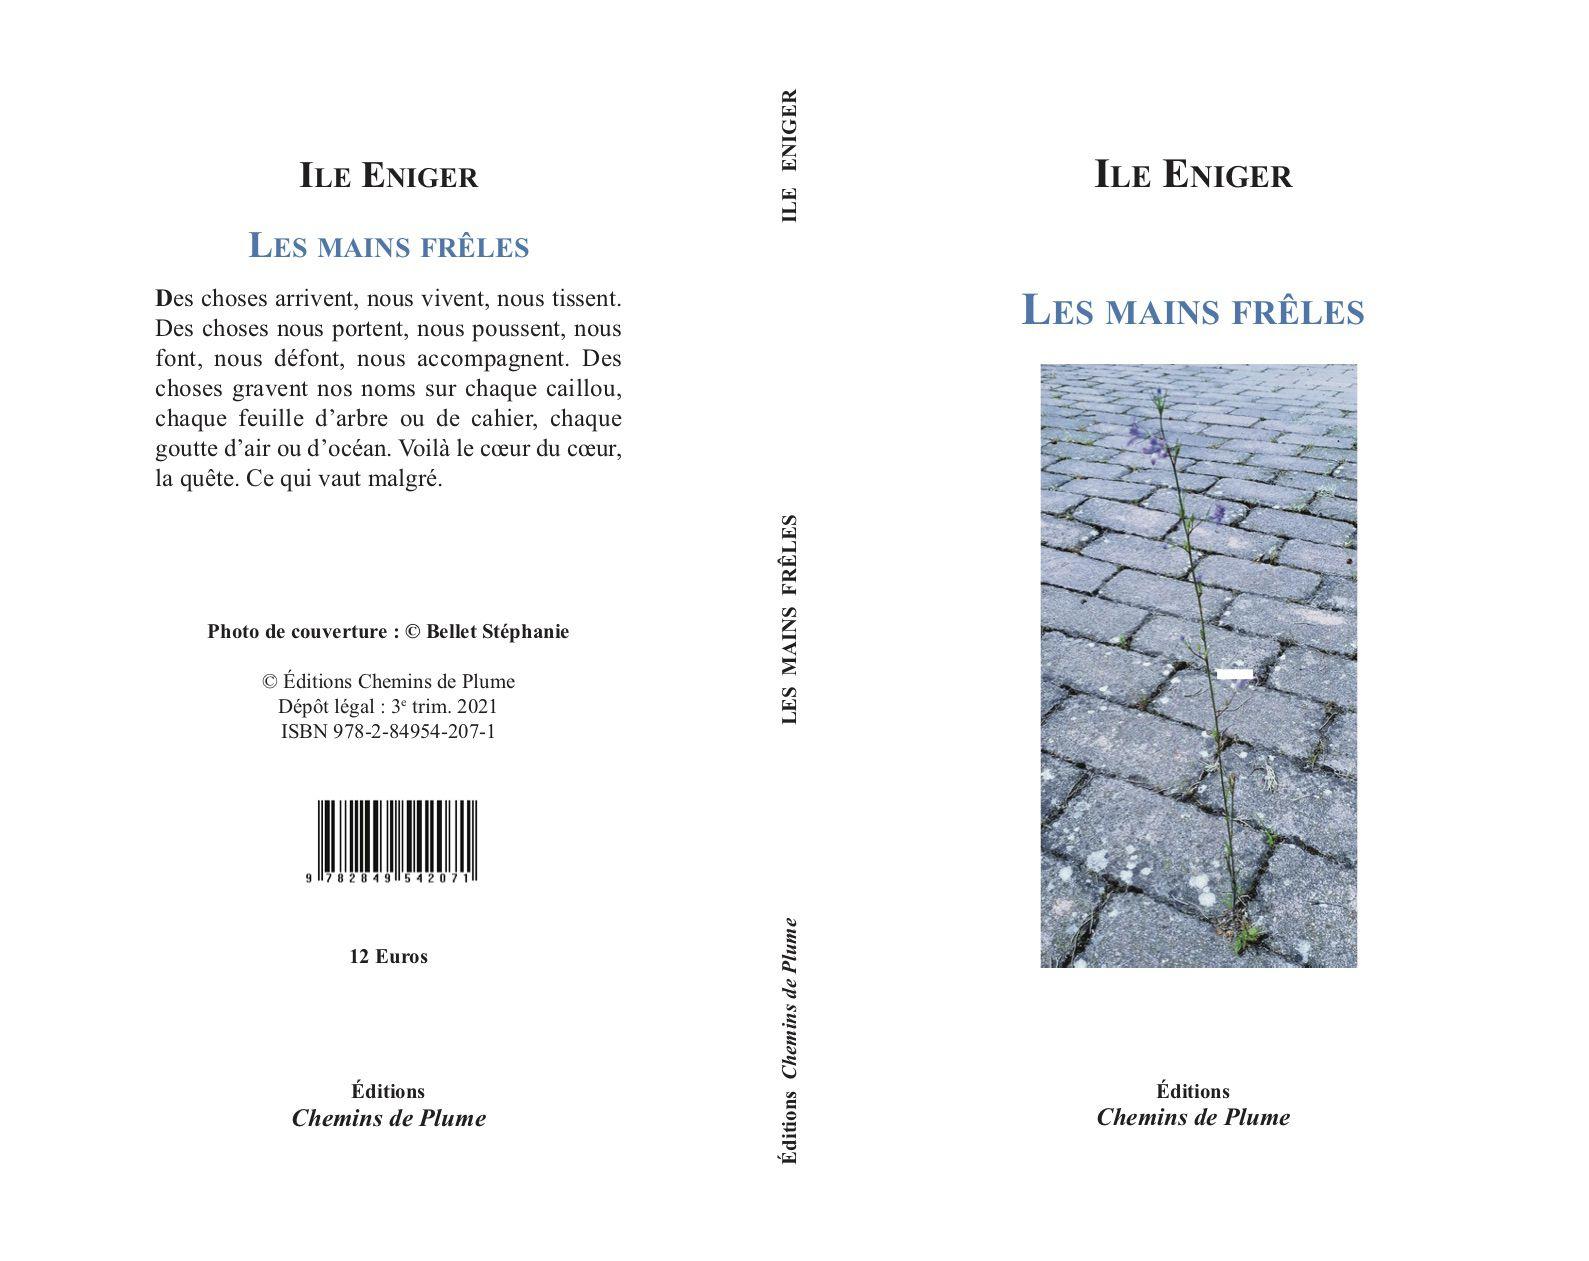 """Mon nouveau livre de textes poétiques, """"Les mains frêles"""" vient de paraître. Je le présenterai au Festival du Livre de Nice les 17, 18, 19  septembre 2021. Vous pouvez le commander sur le site des Éditions Chemins de Plume ou en librairie."""